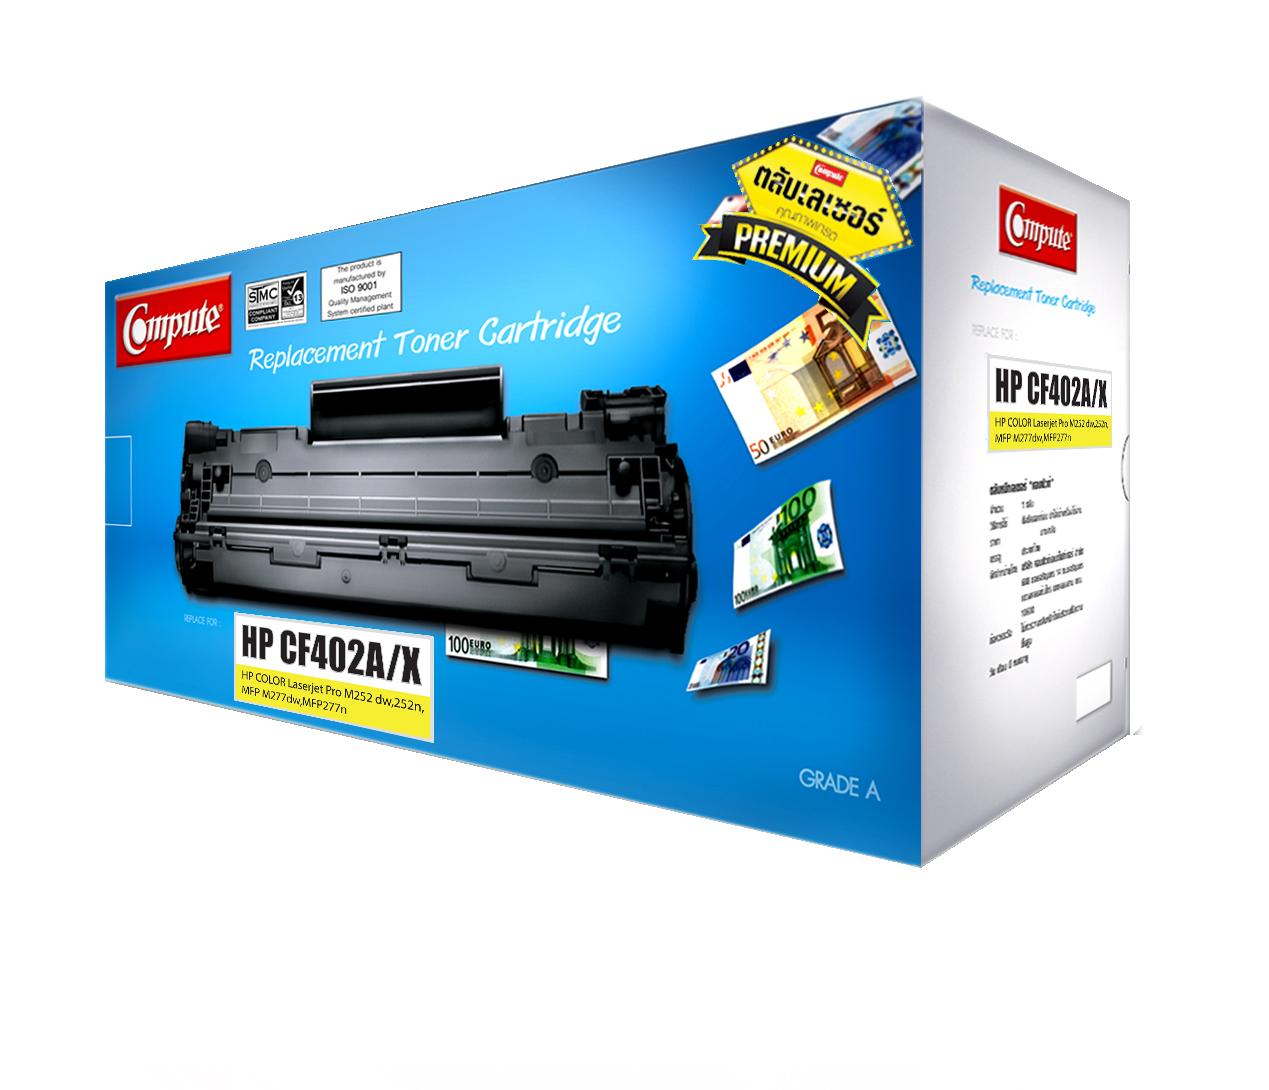 ตลับหมึกเลเซอร์ HP 201A/ 201X, CF402A/ CF402X (Yellow) Compute (Toner Cartridge)